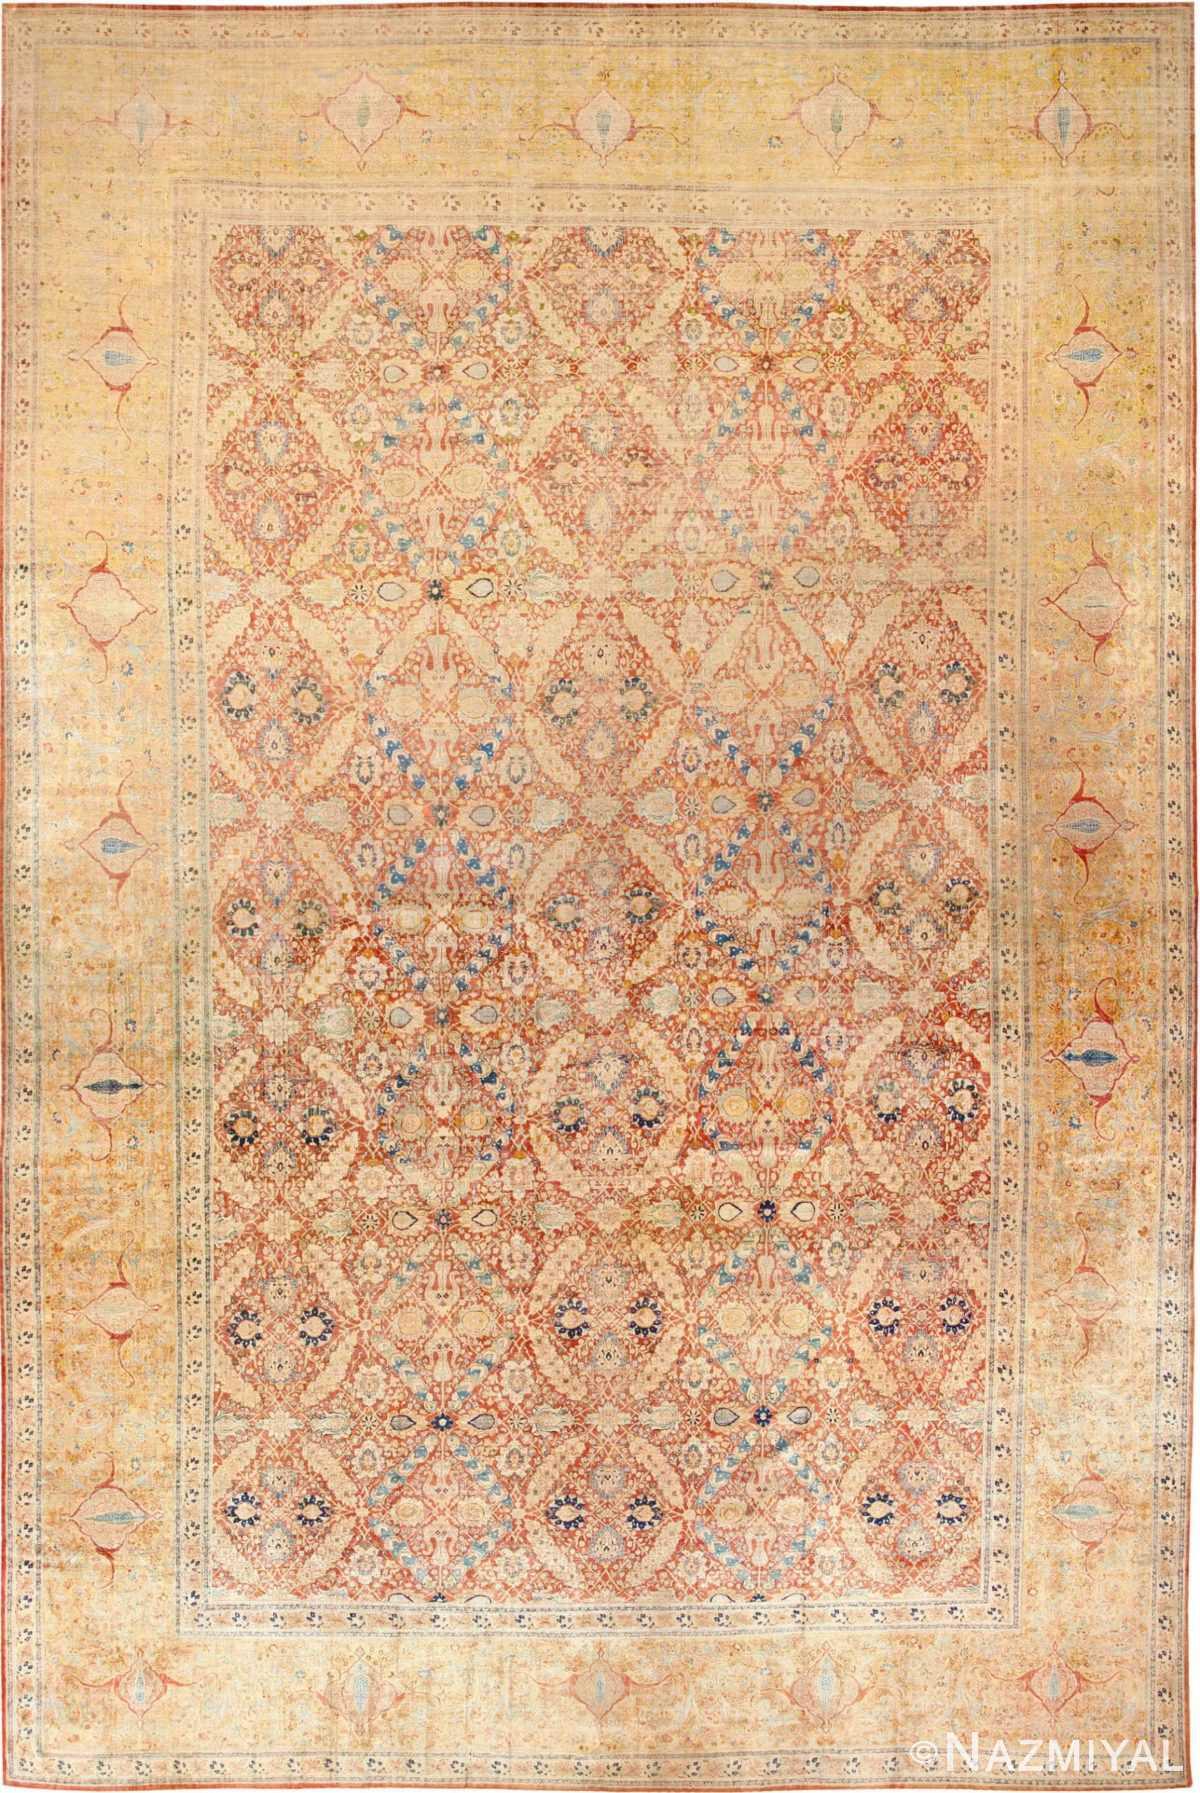 Oversized Antique Persian Silk Tabriz Haji Jalili Rug 48981 - Nazmiyal